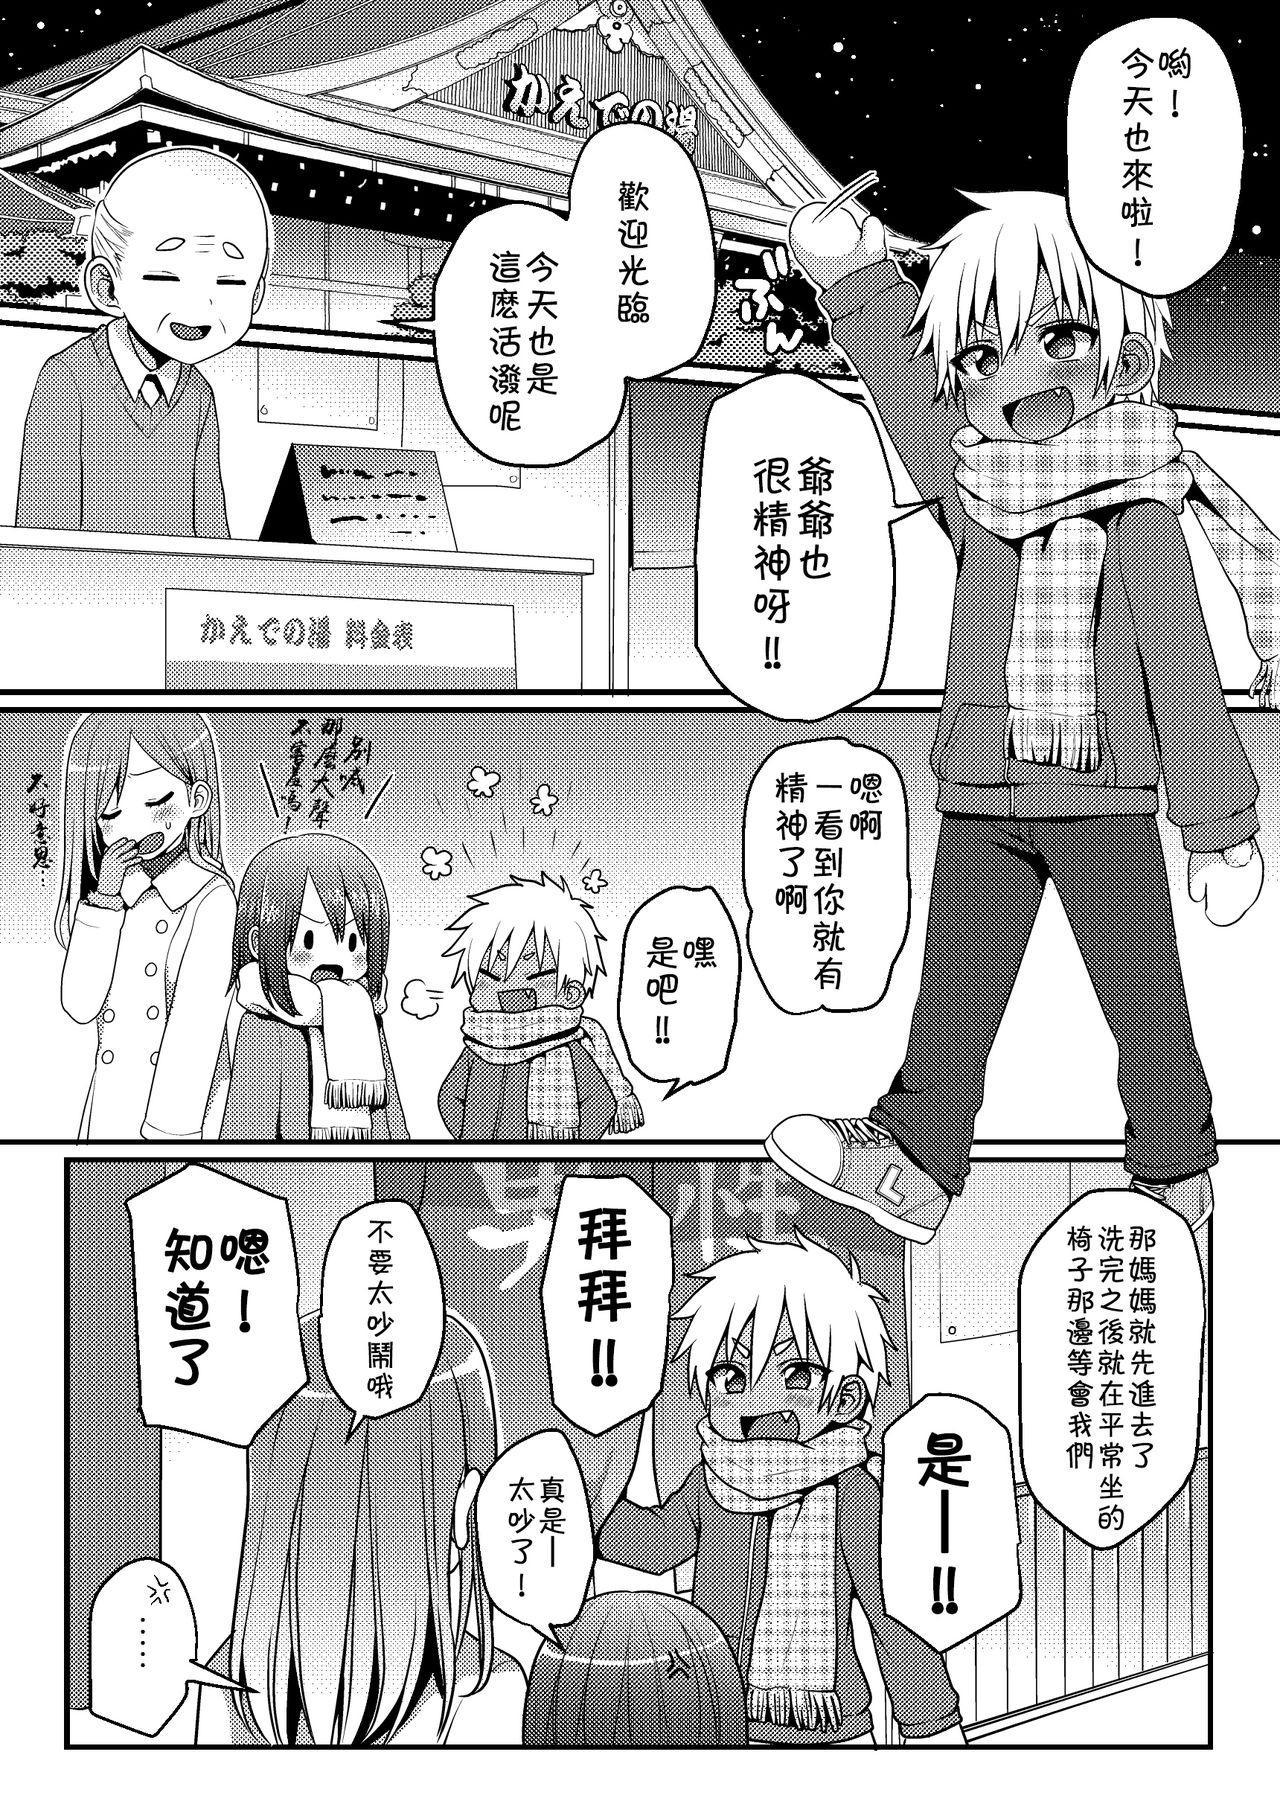 Sentou de Hitori Asobi o Suru Otokonoko no Ohanashi 1